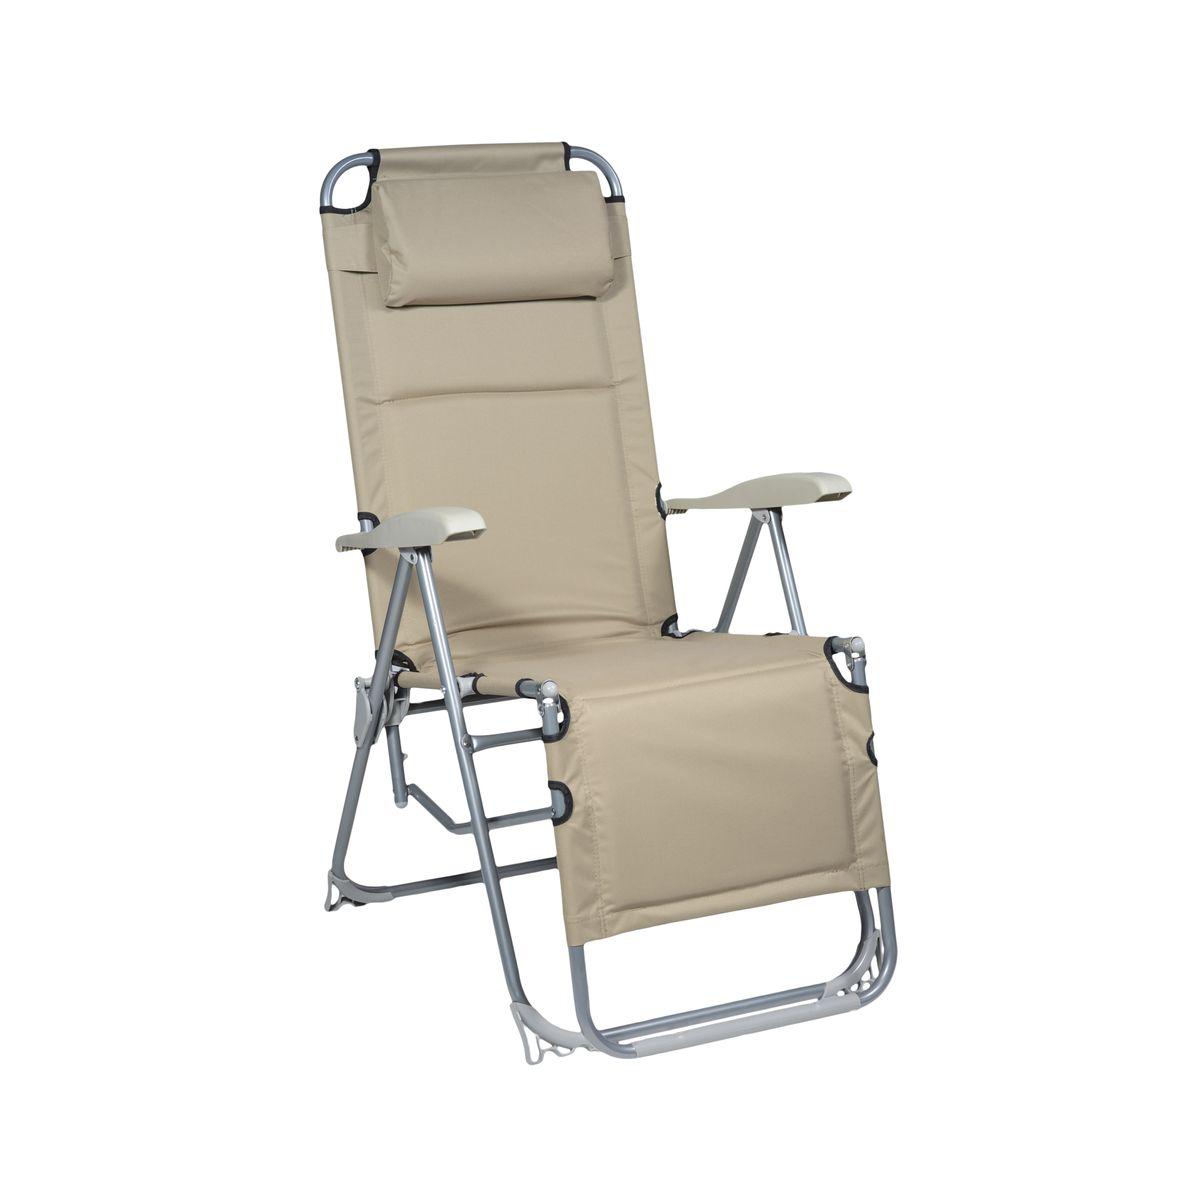 Кресло складное Green Glade, 84 см х 64 см х 114 см787502Складное кресло Green Glade предназначено для создания комфортных условий в туристических походах, рыбалке и кемпинге.Особенности:Компактная складная конструкция.Прочный стальной каркас 22 мм.Прочный полиэстер с поливиниловым покрытием.Пластиковые подлокотники.